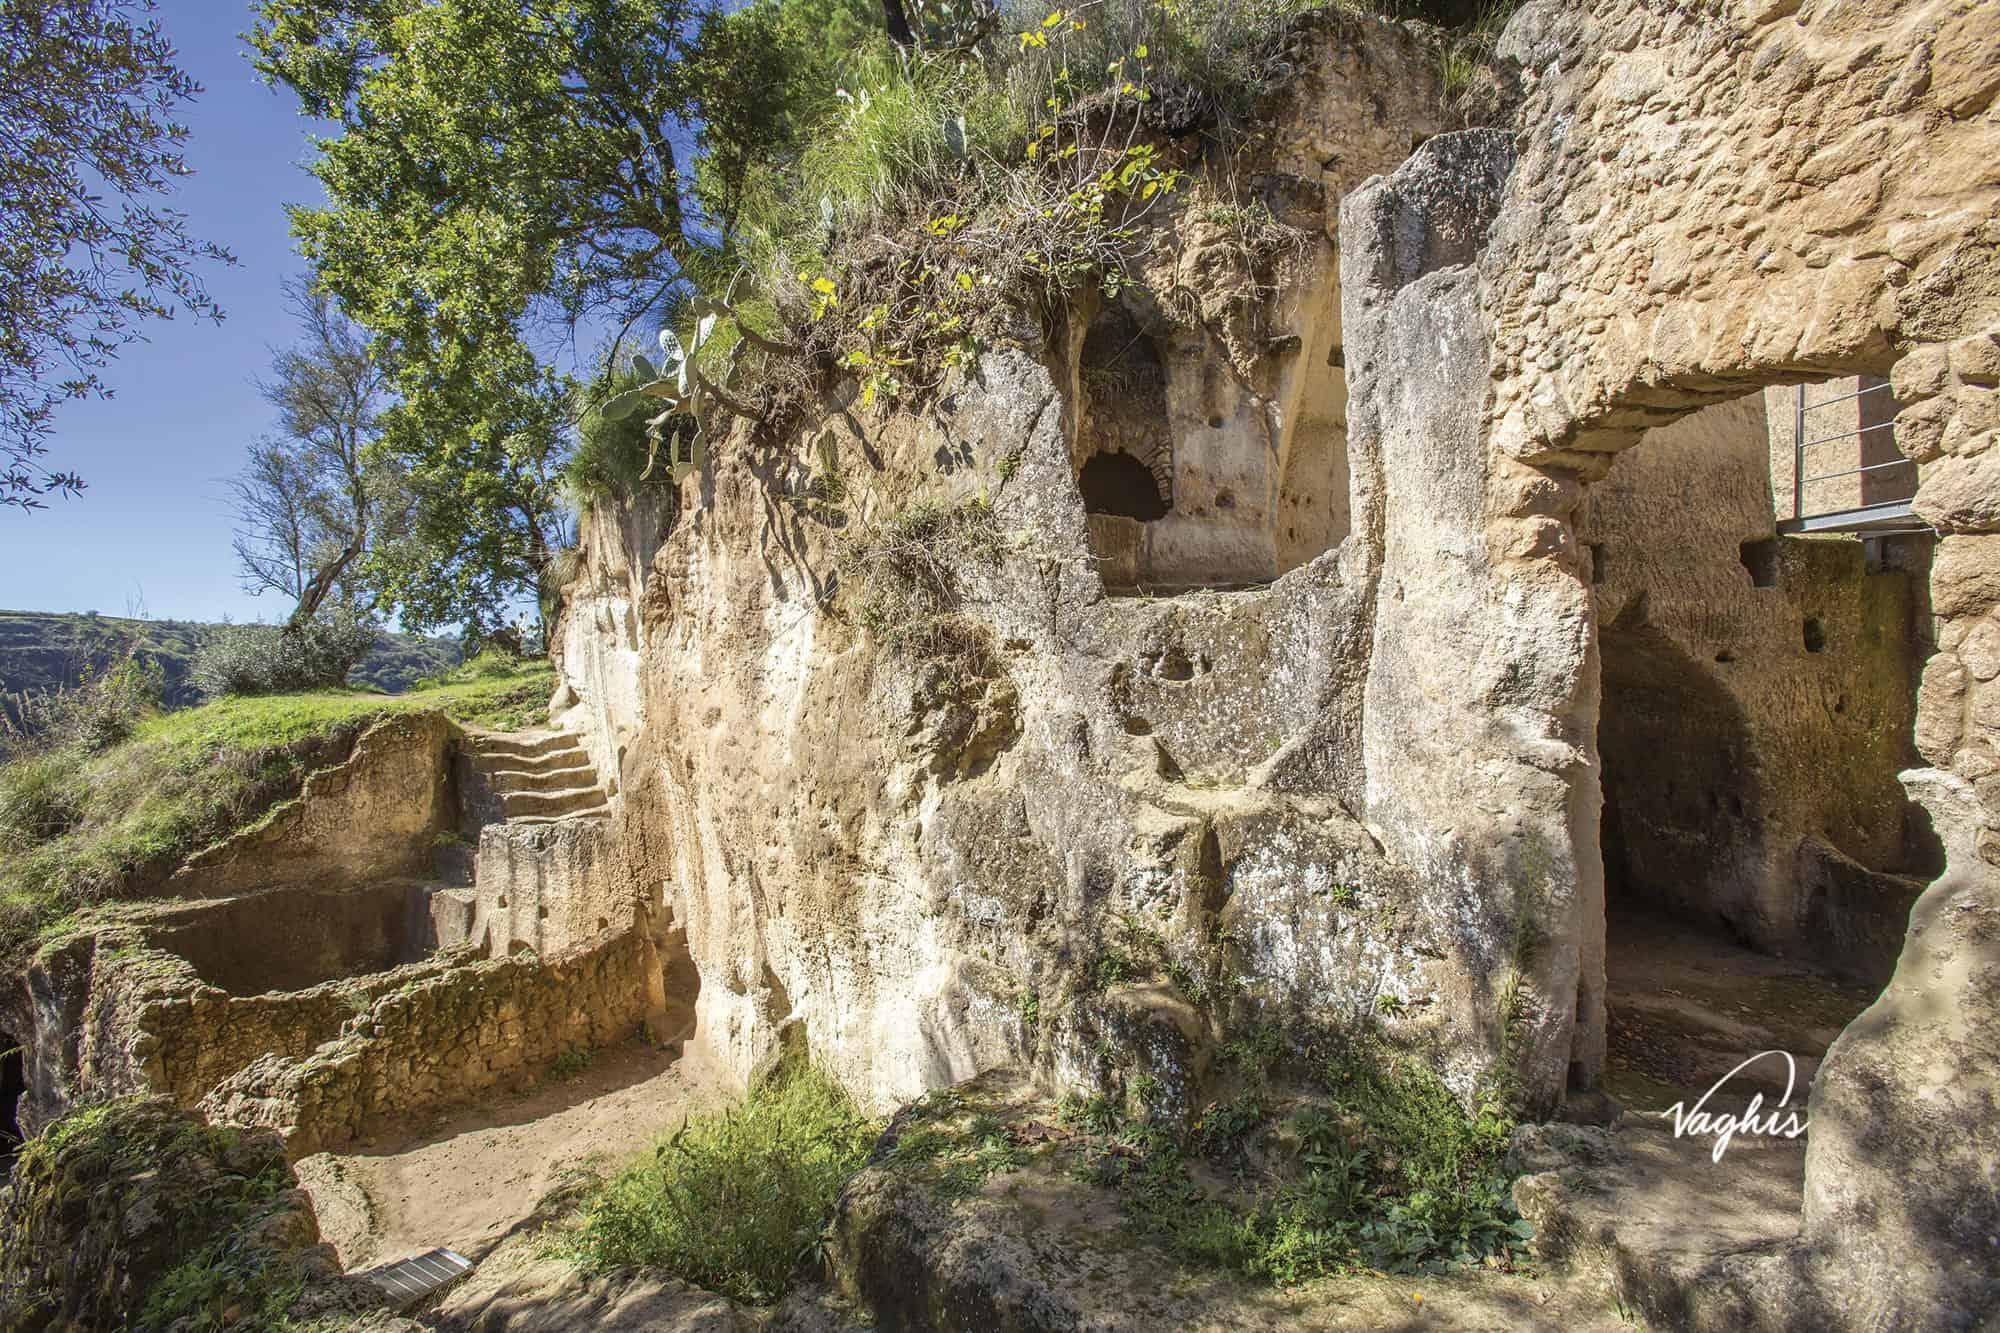 Zungri - © Vaghis - viaggi & turismo Italia - Tutti i di-ritti riservati